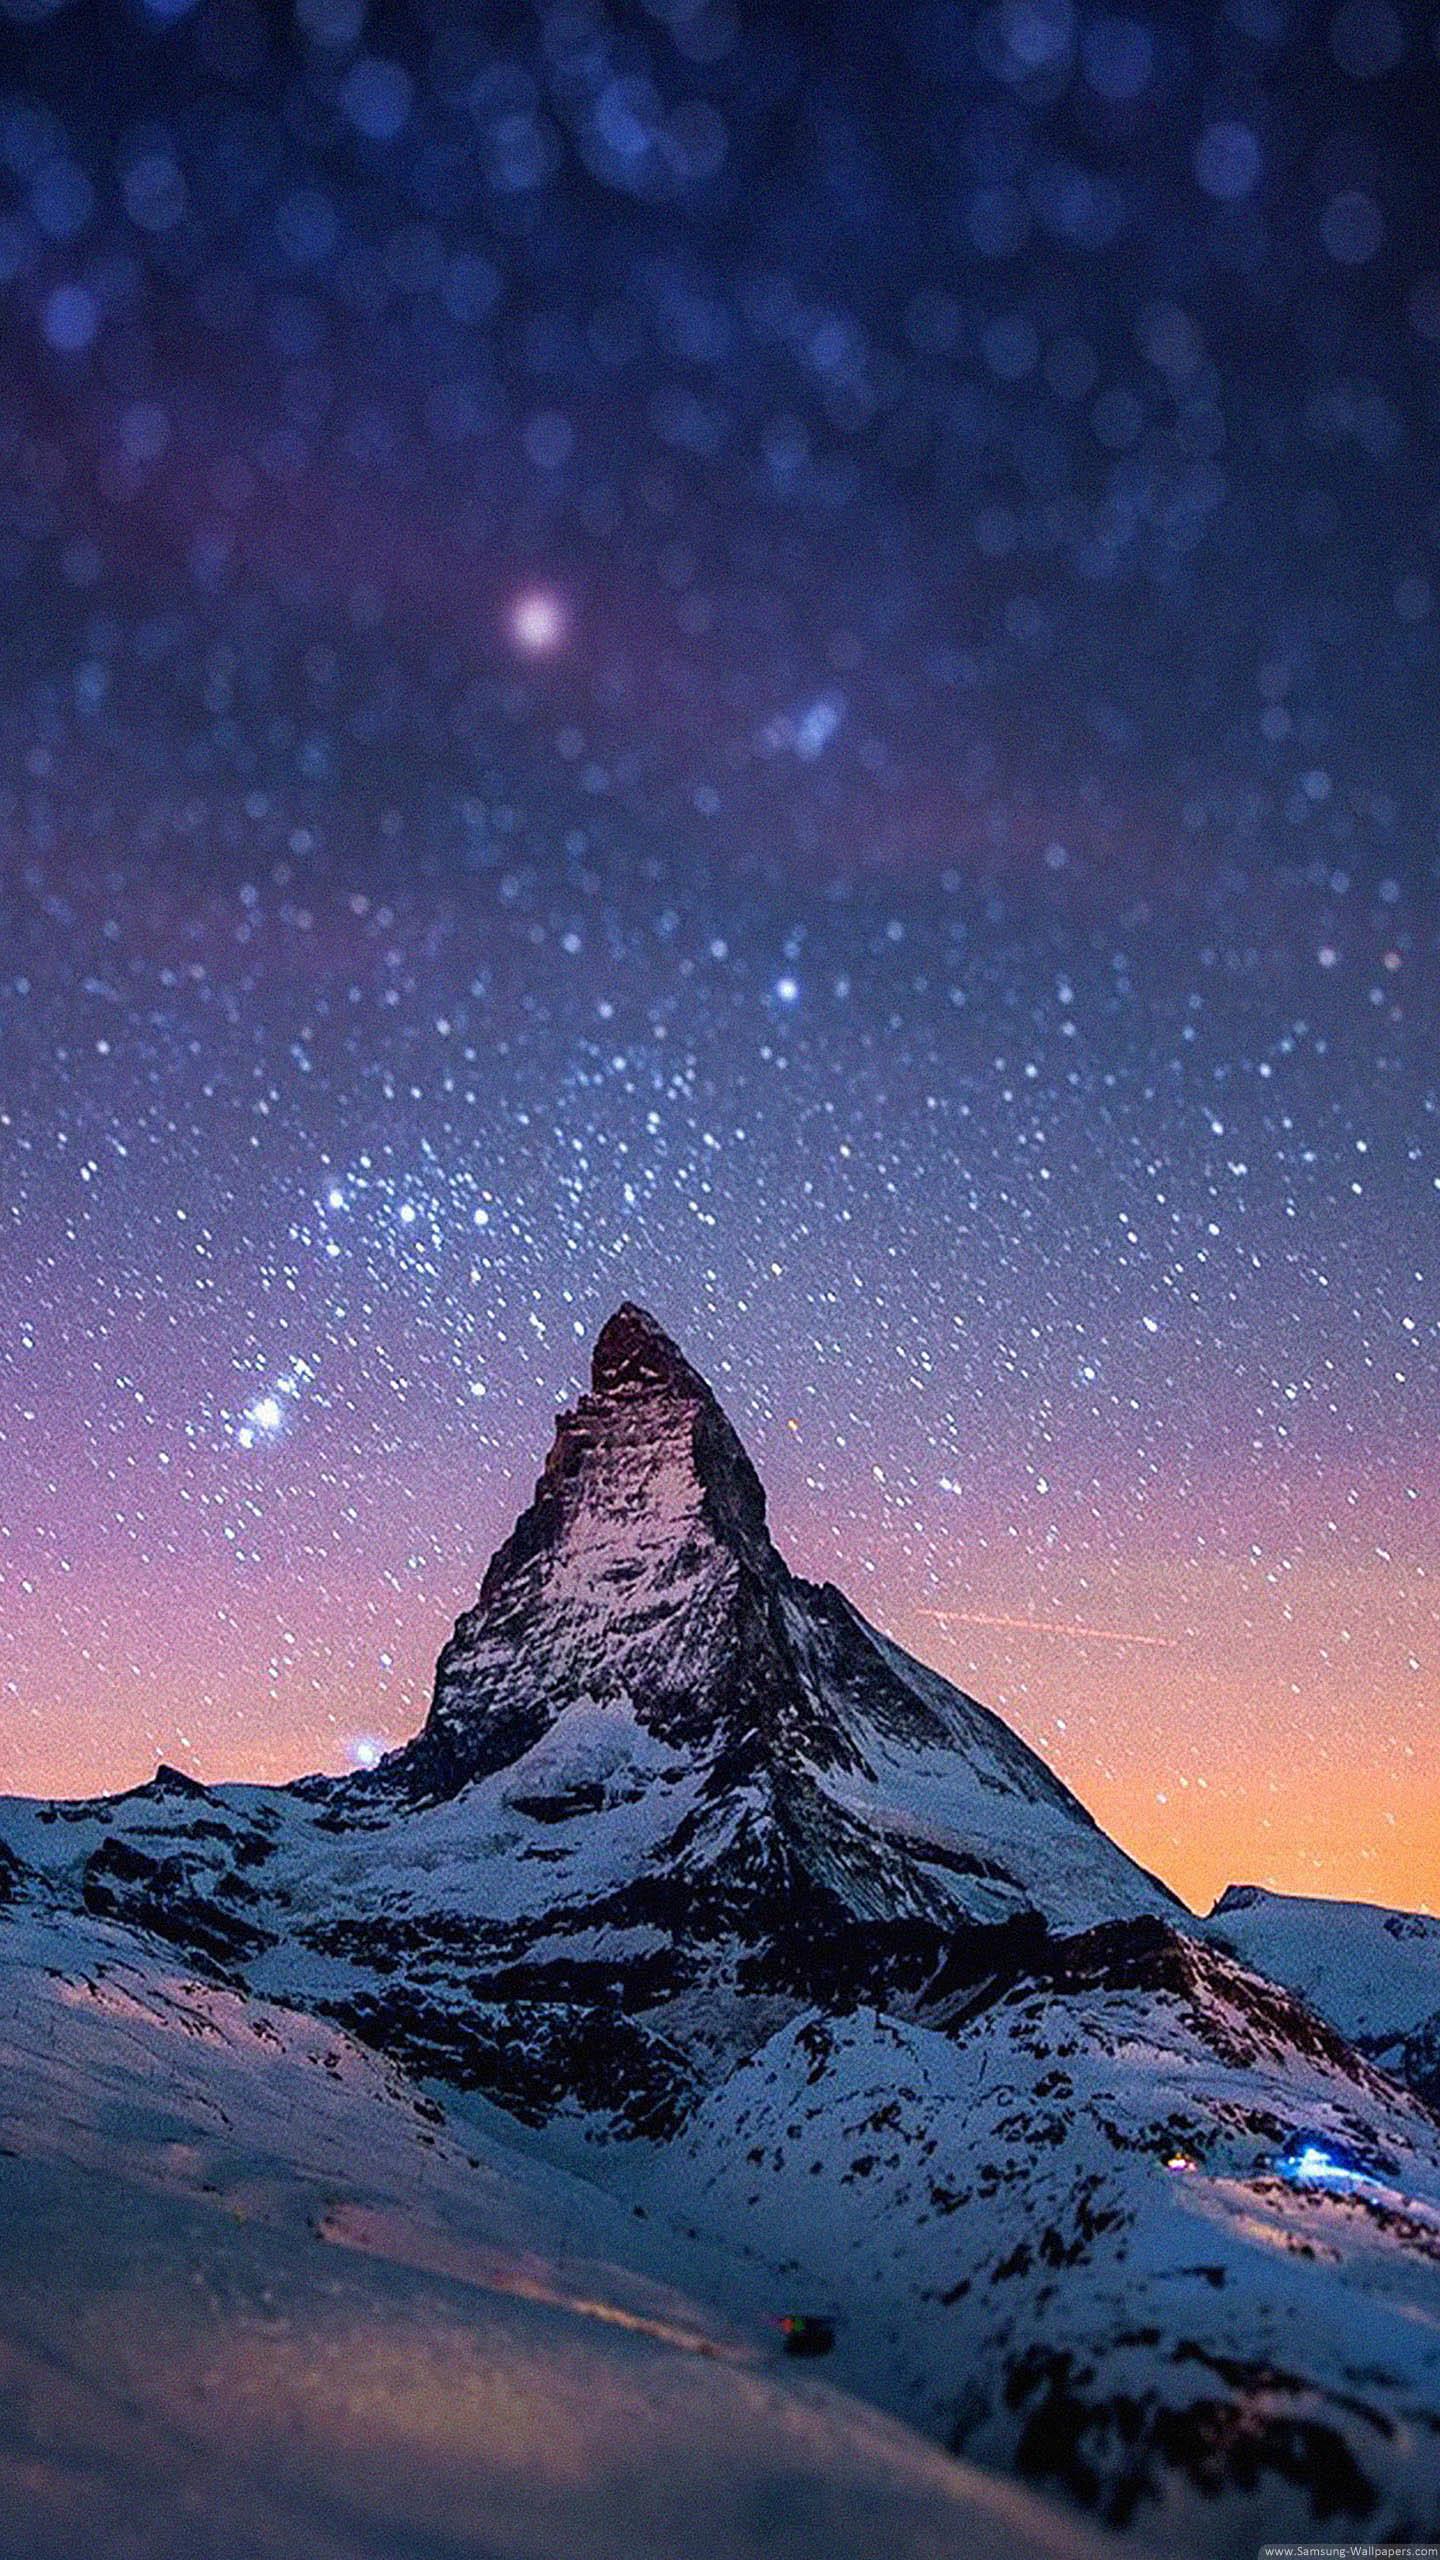 Fantasy Landscape Lock Screen Samsung Galaxy Note 4 Matterhorn 1440x2560 Download Hd Wallpaper Wallpapertip